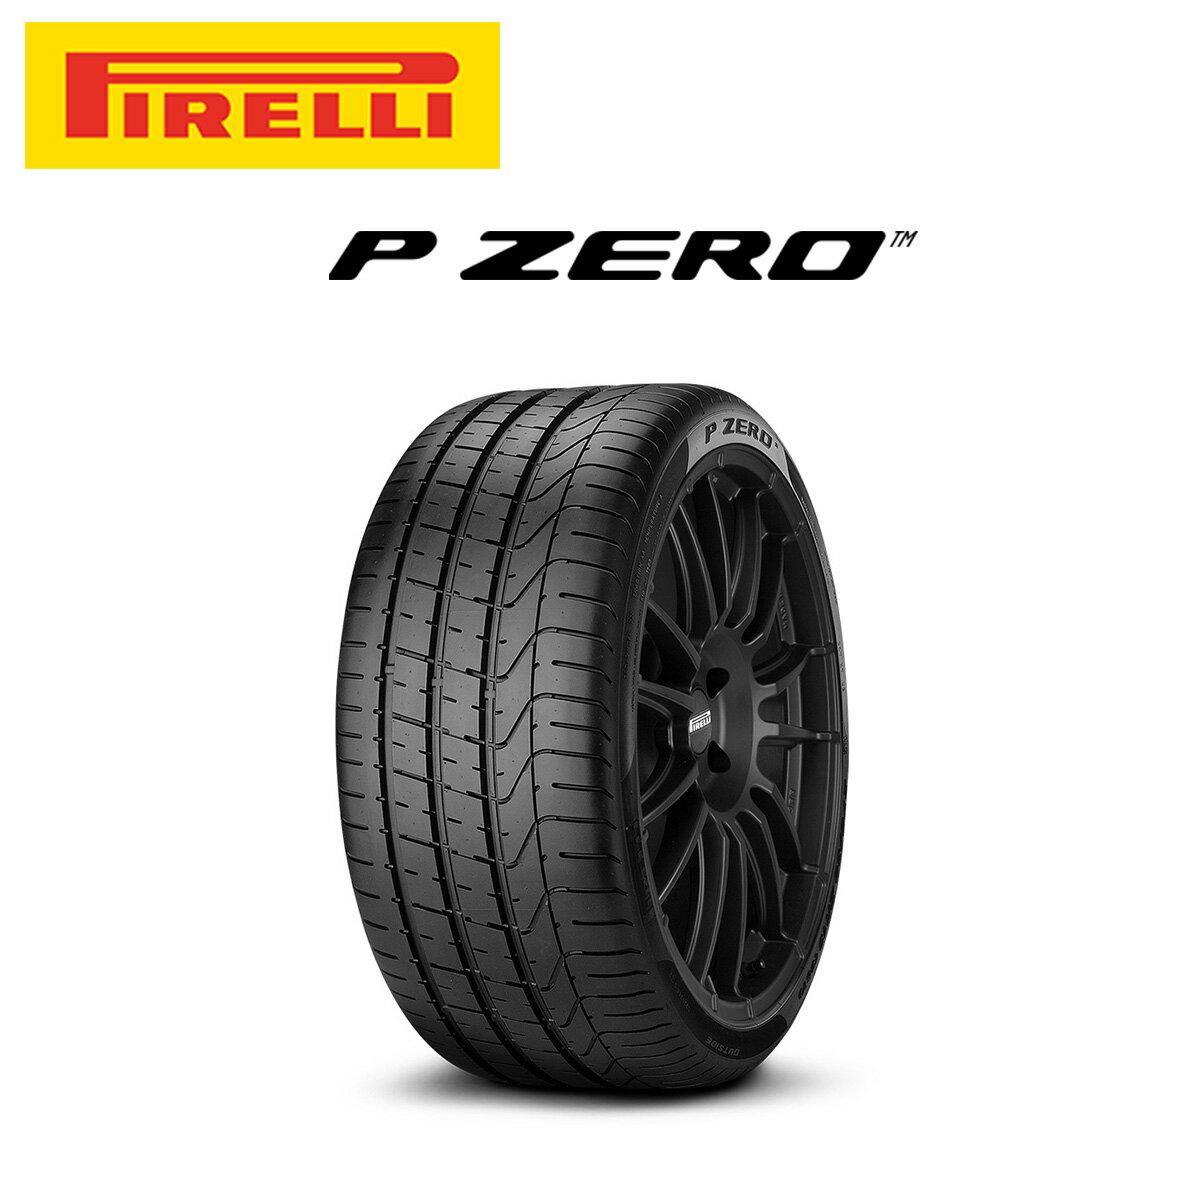 ピレリ PIRELLI P ZERO ピーゼロ 21インチ サマー タイヤ 4本 セット 245/40ZR21 100Y XL 1809700